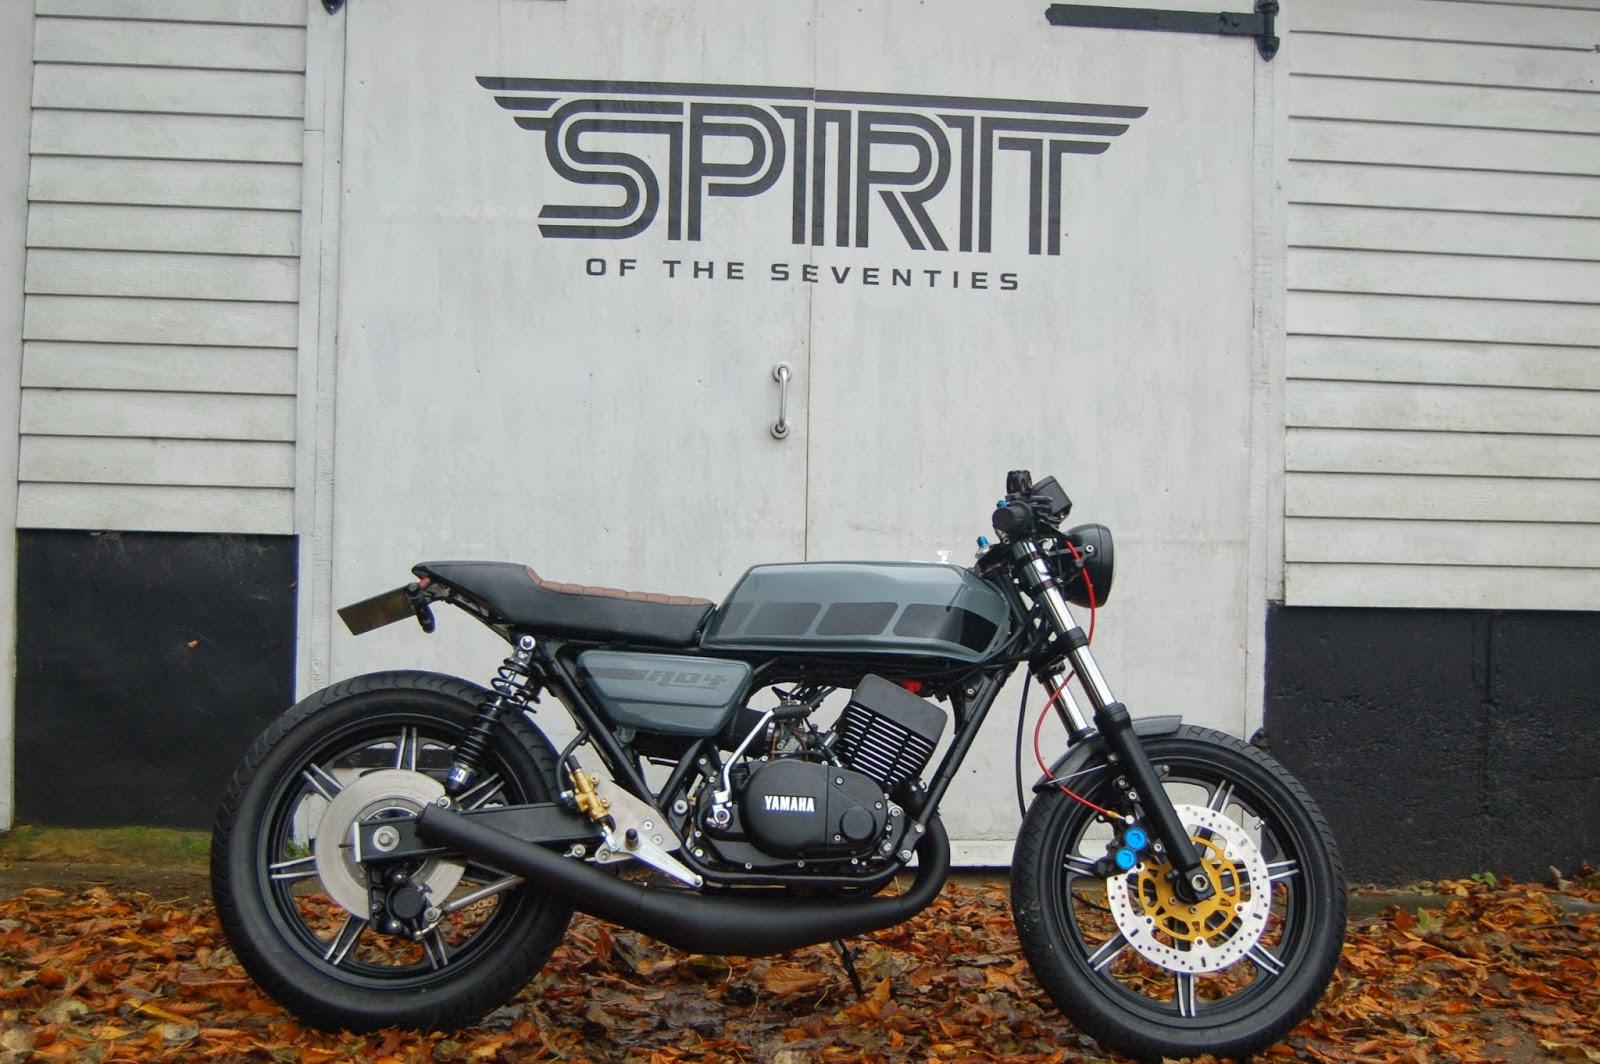 European Motorcycle Diaries: October 2013